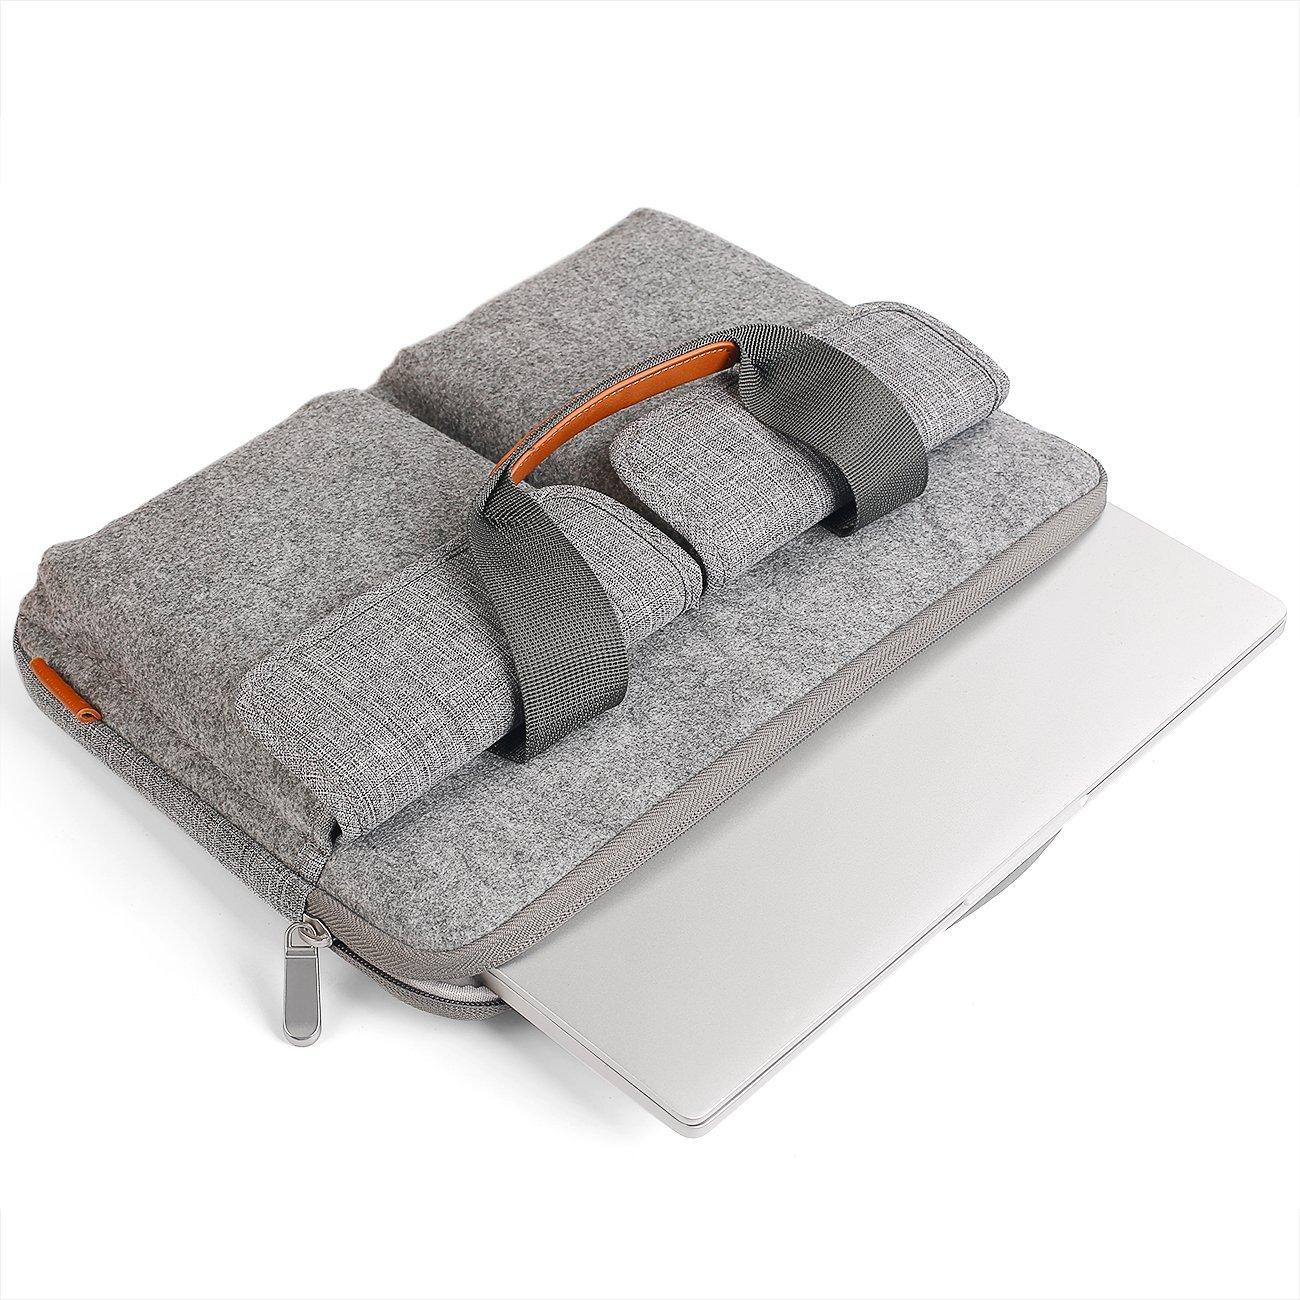 Laptophülle bzw. -tasche für 13'' Laptops